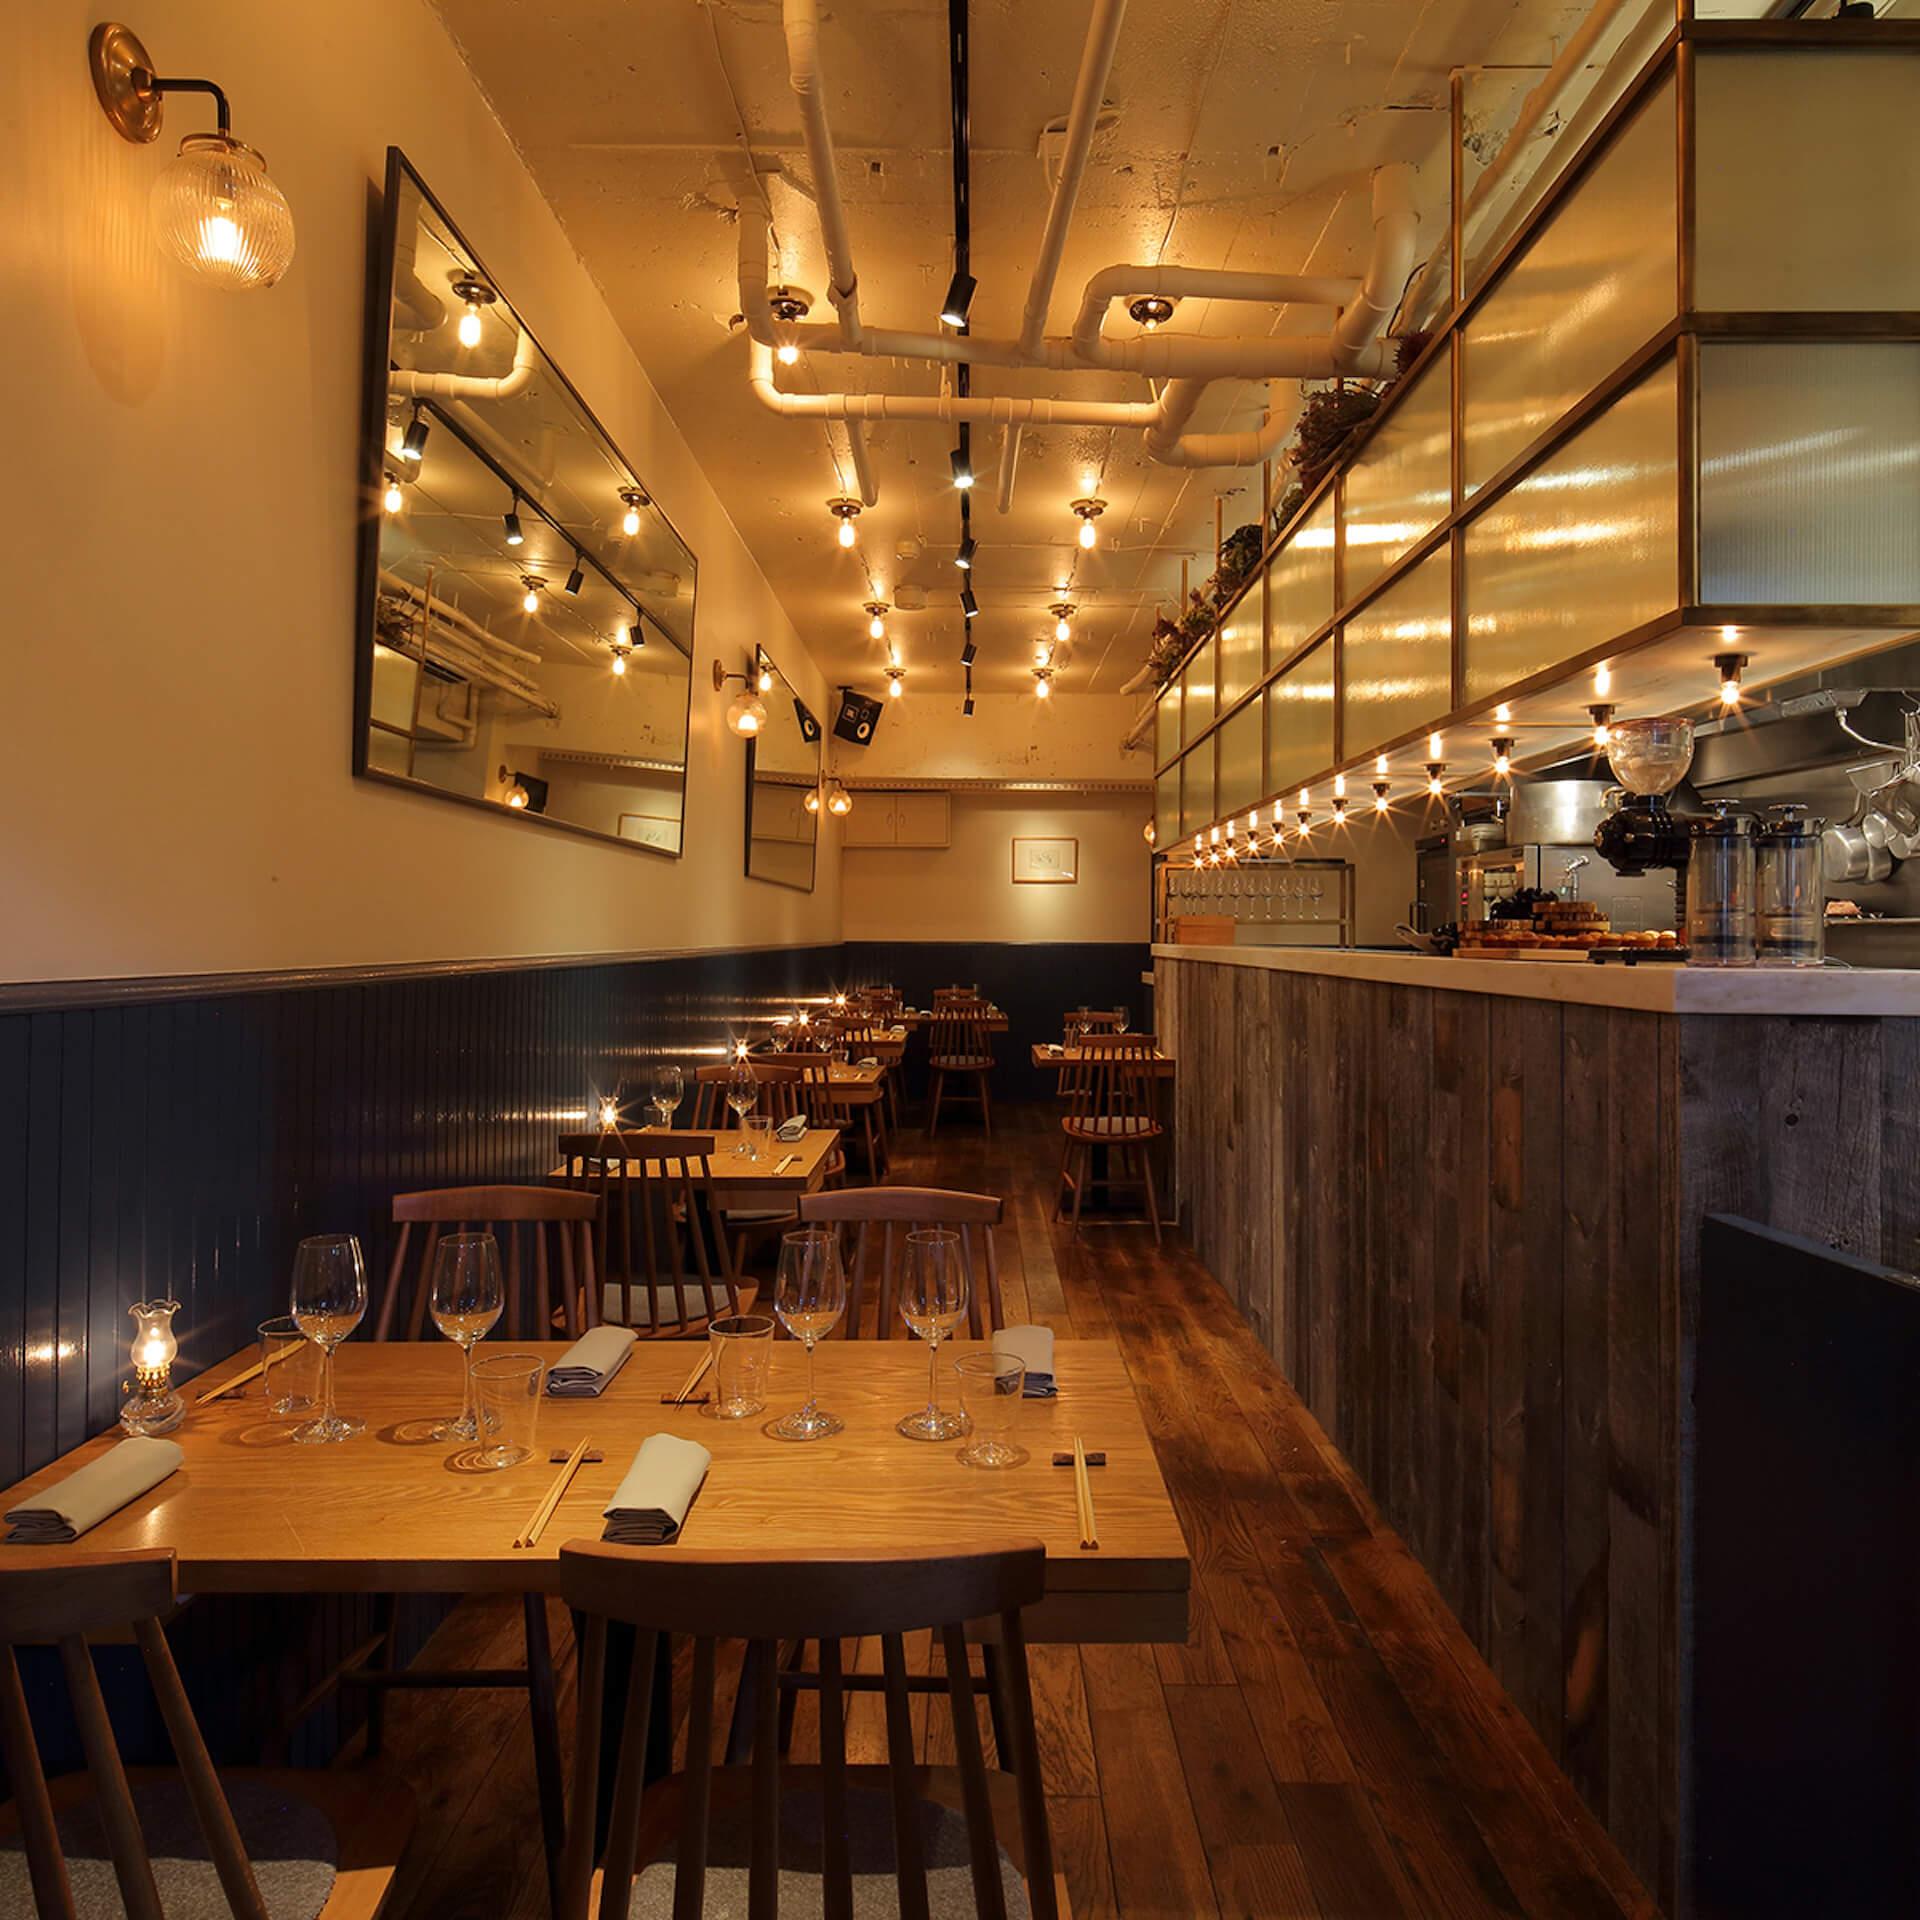 代々木上原の人気レストラン『sio』のオーナーシェフ鳥羽周作氏が語る、料理業界にかける熱い思い gourmet201119_mondoalfa_sio_7